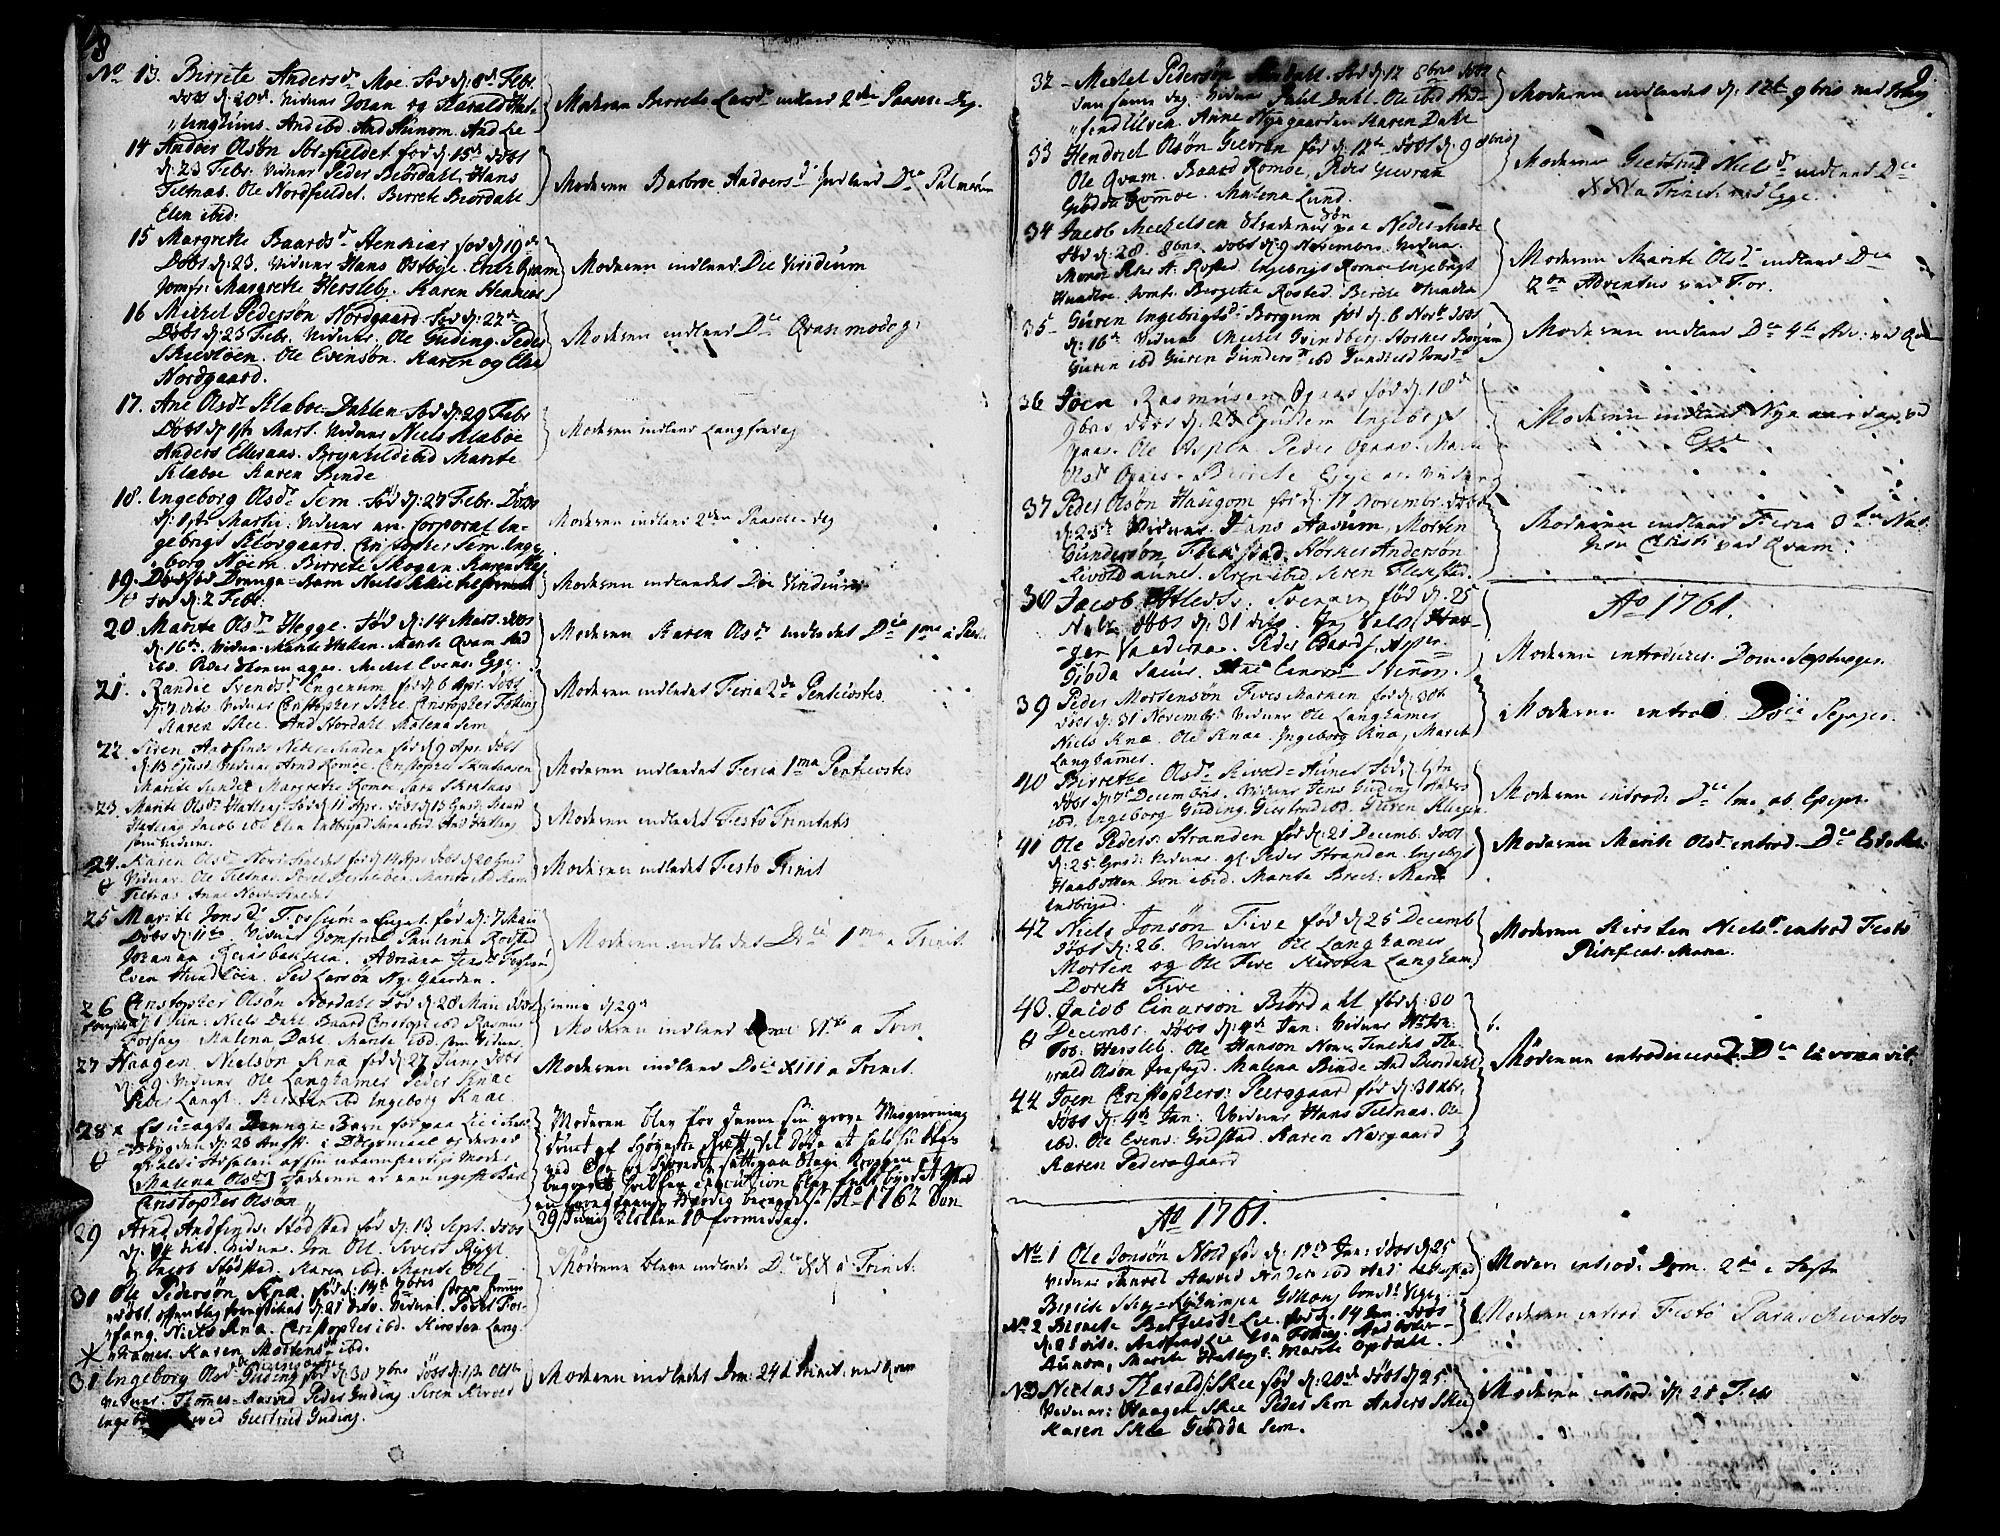 SAT, Ministerialprotokoller, klokkerbøker og fødselsregistre - Nord-Trøndelag, 746/L0440: Ministerialbok nr. 746A02, 1760-1815, s. 8-9